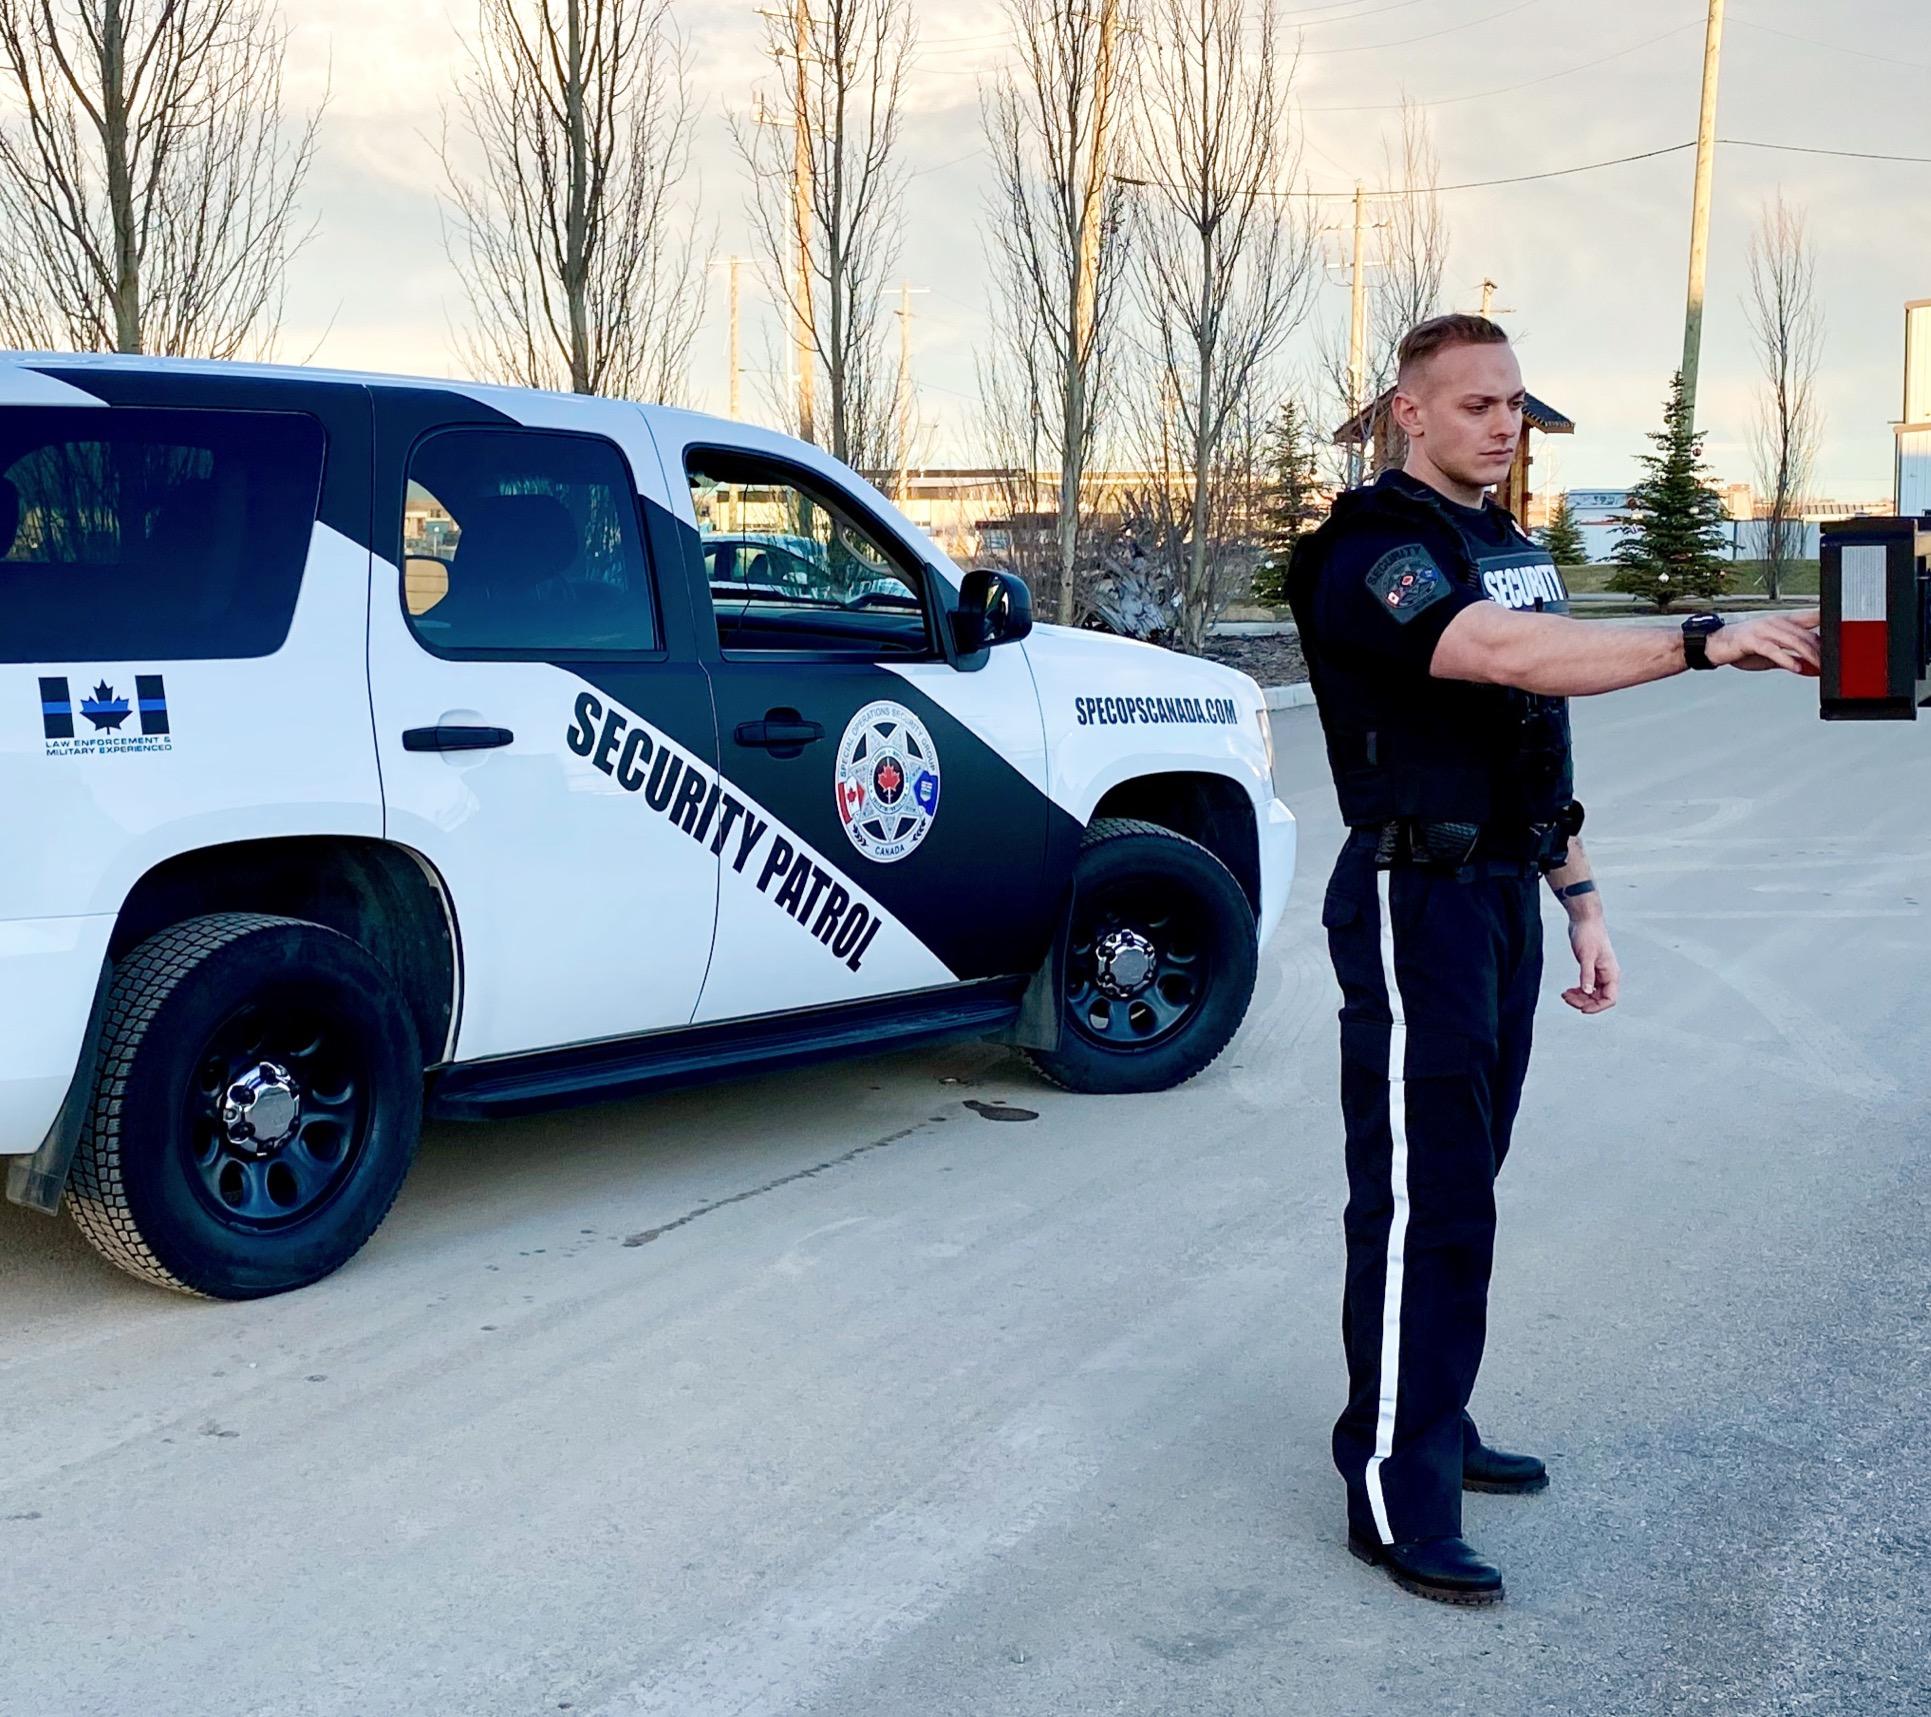 Mobile Security Patrols Alberta